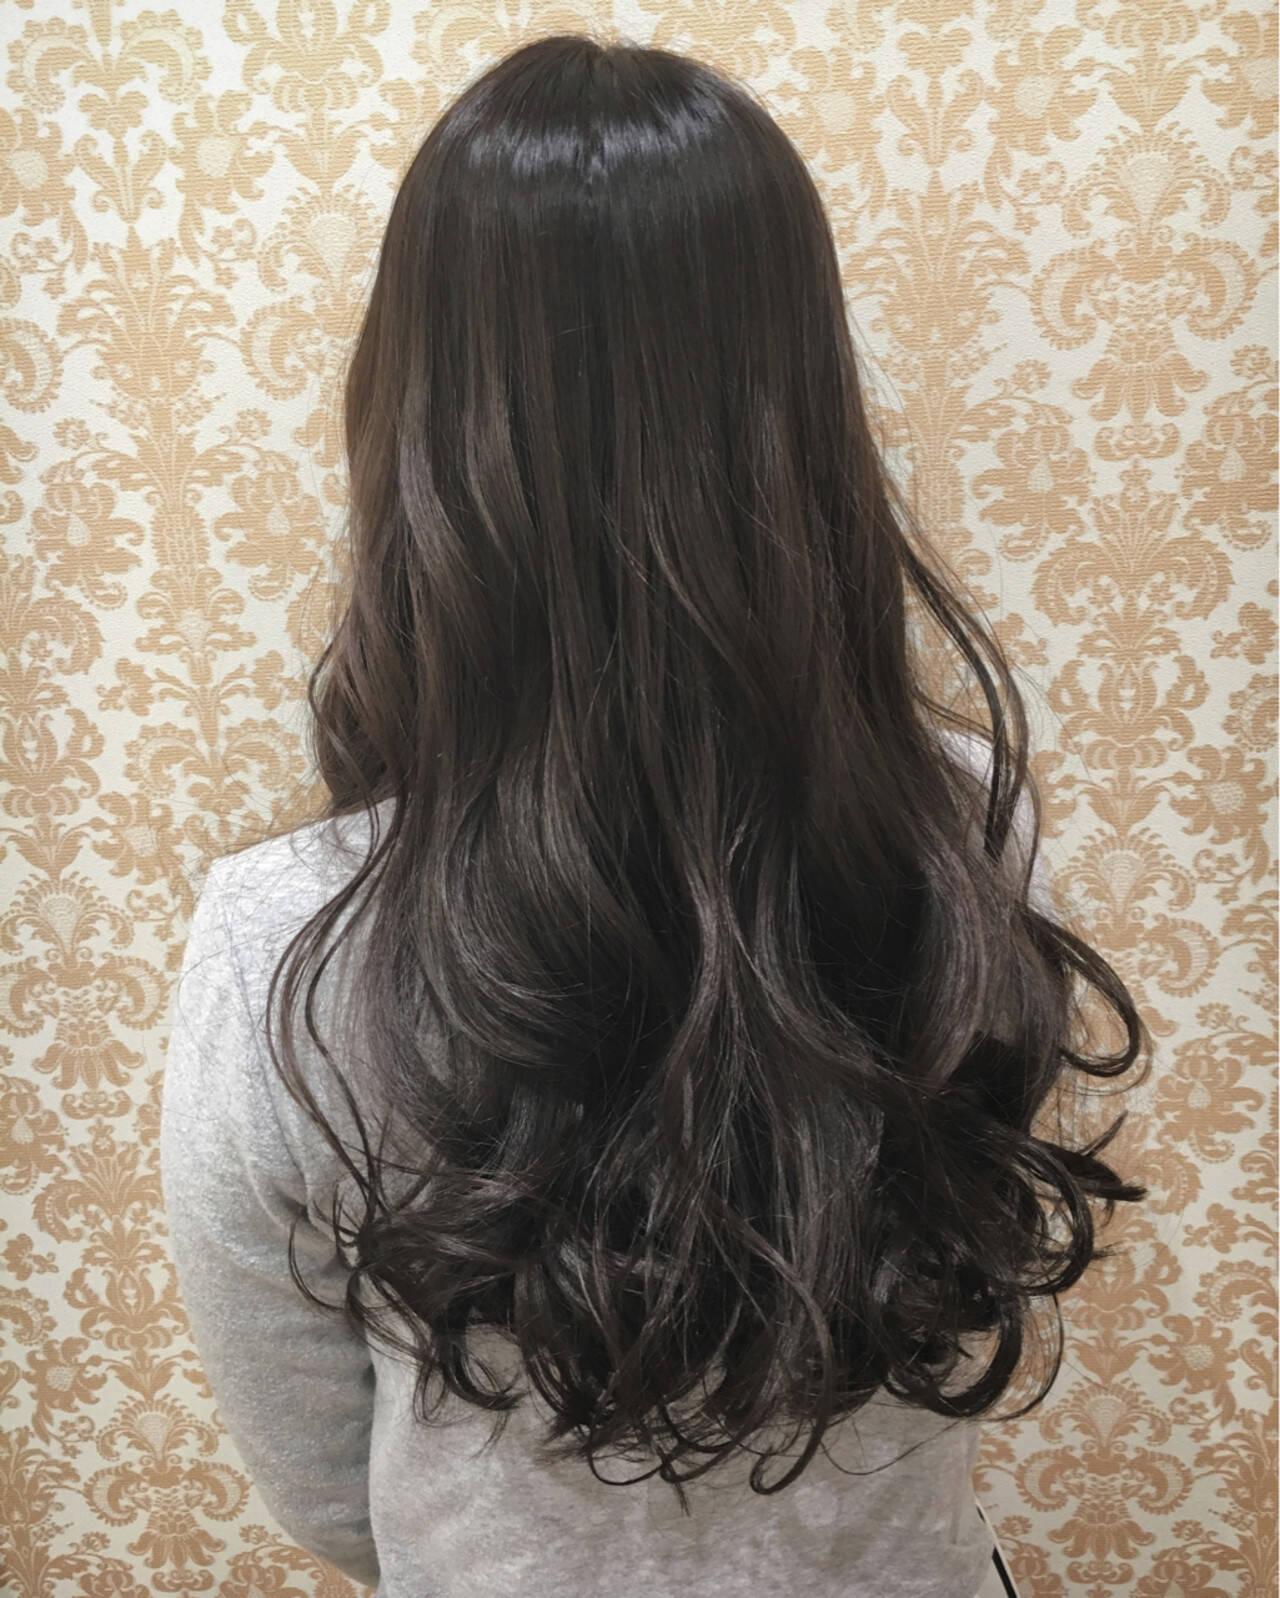 フェミニン 外国人風 グラデーションカラー グレーアッシュヘアスタイルや髪型の写真・画像